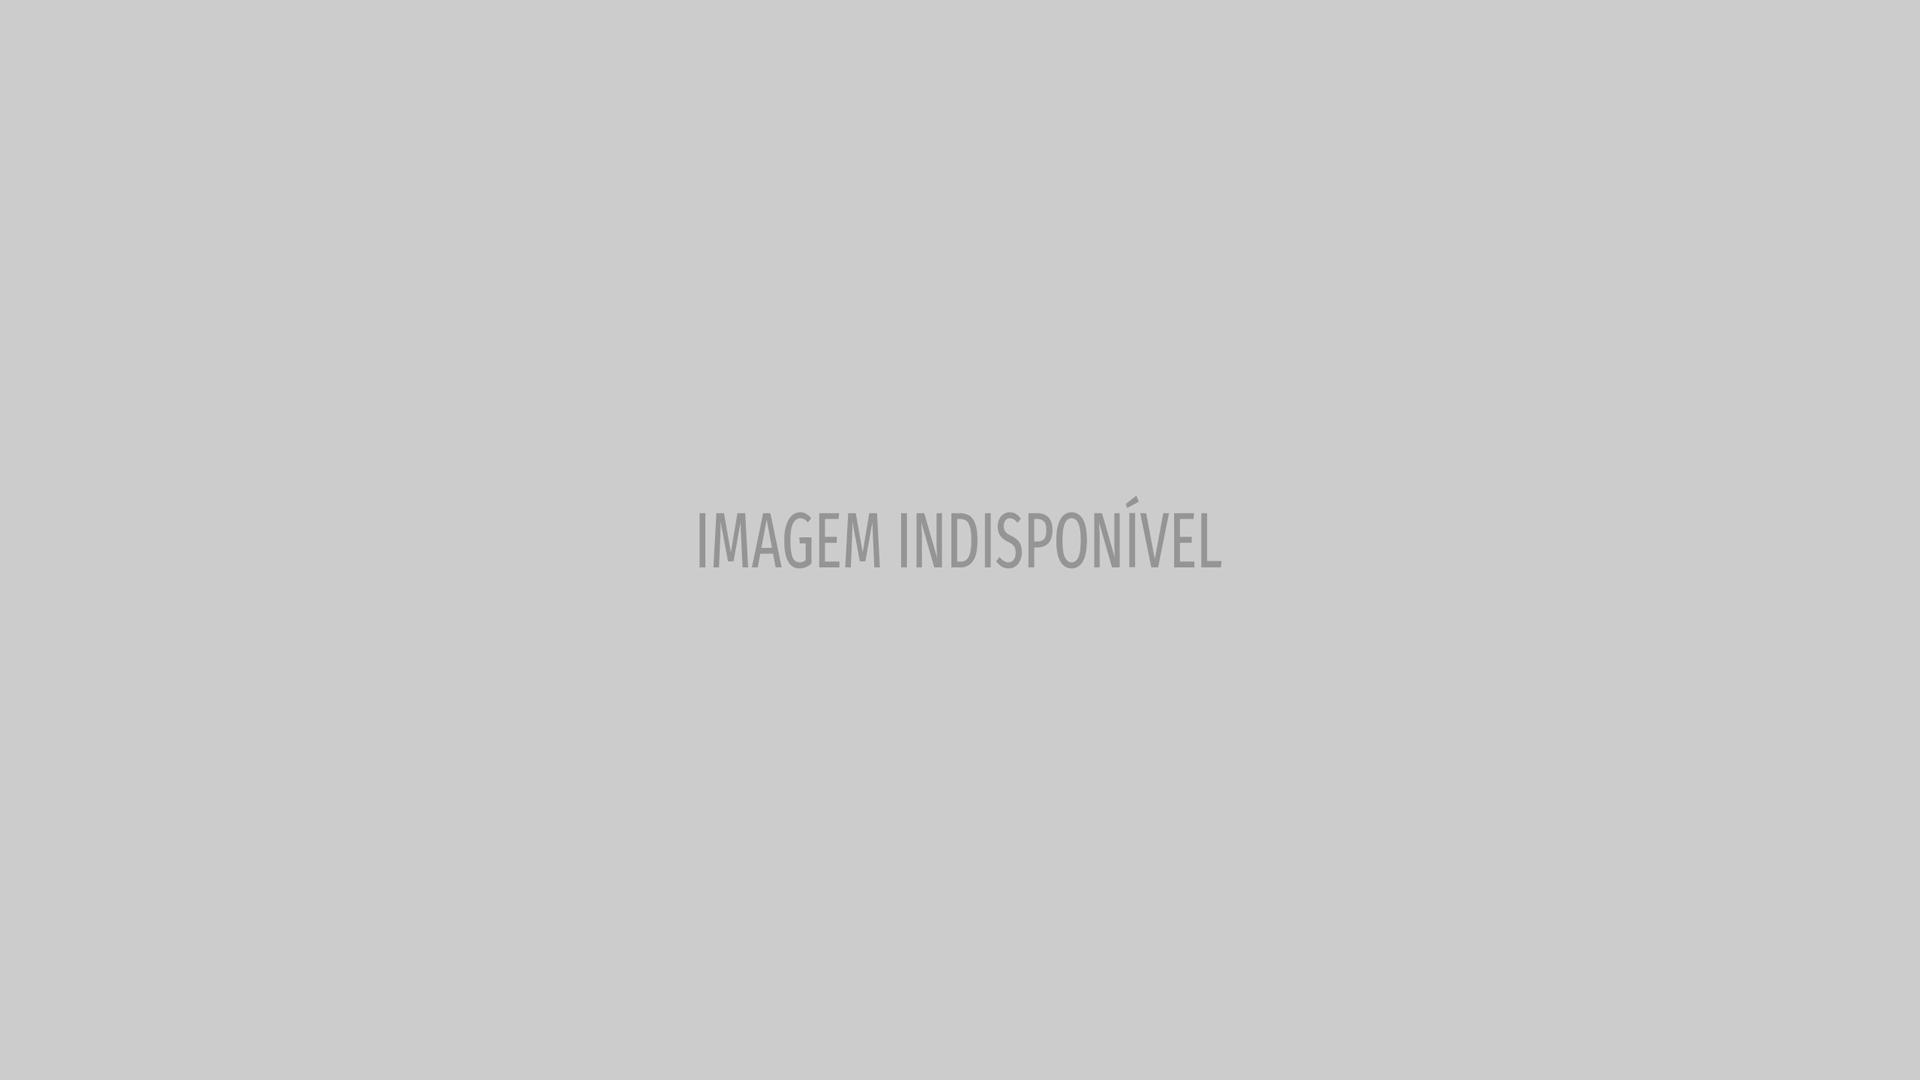 Diretora da Vogue Brasil é acusada de promover festa racista f5530407ea